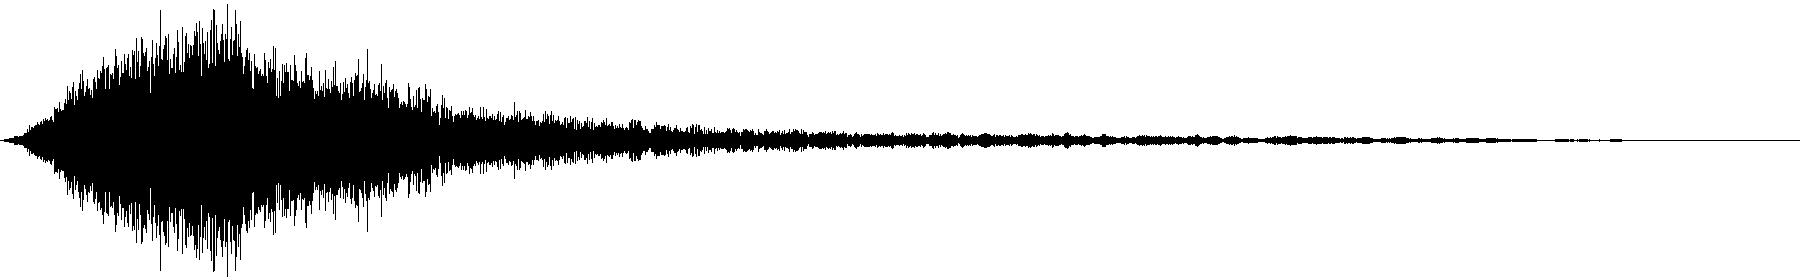 vfx1 atmos 48